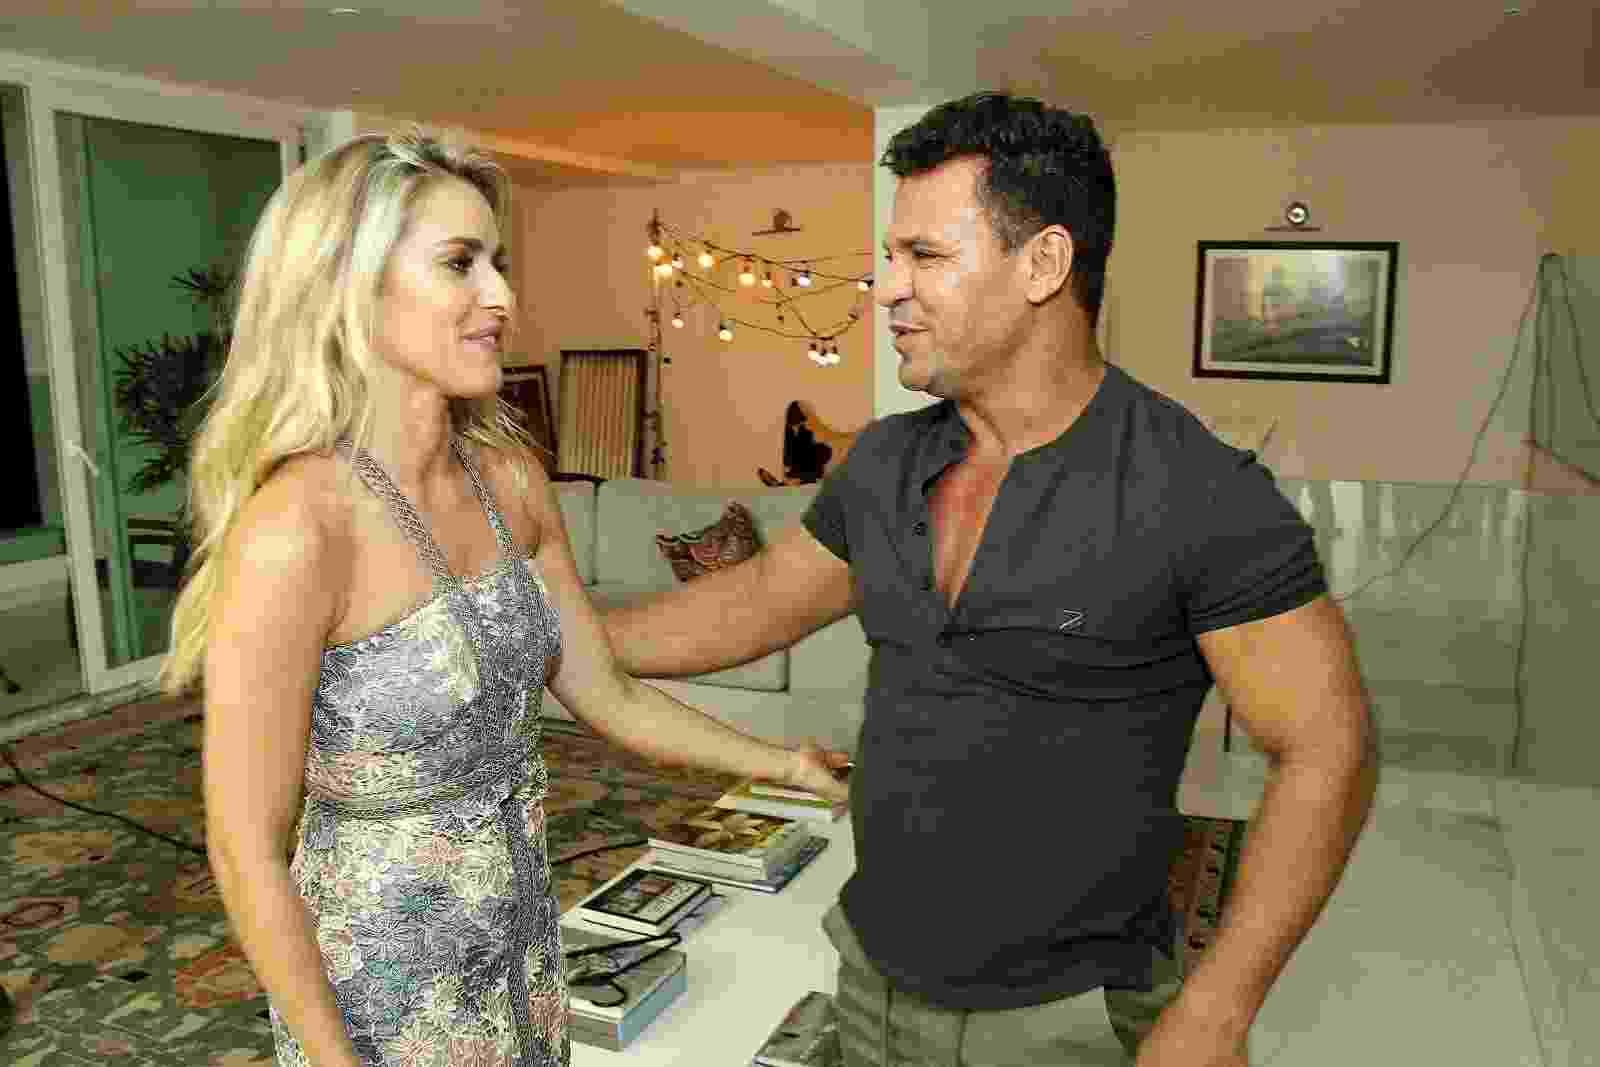 """Eduardo Costa grava clipe de """"Forró e Paixão"""" com a atriz Monique Alfradique - Marcos Ferreira / Brazil News"""